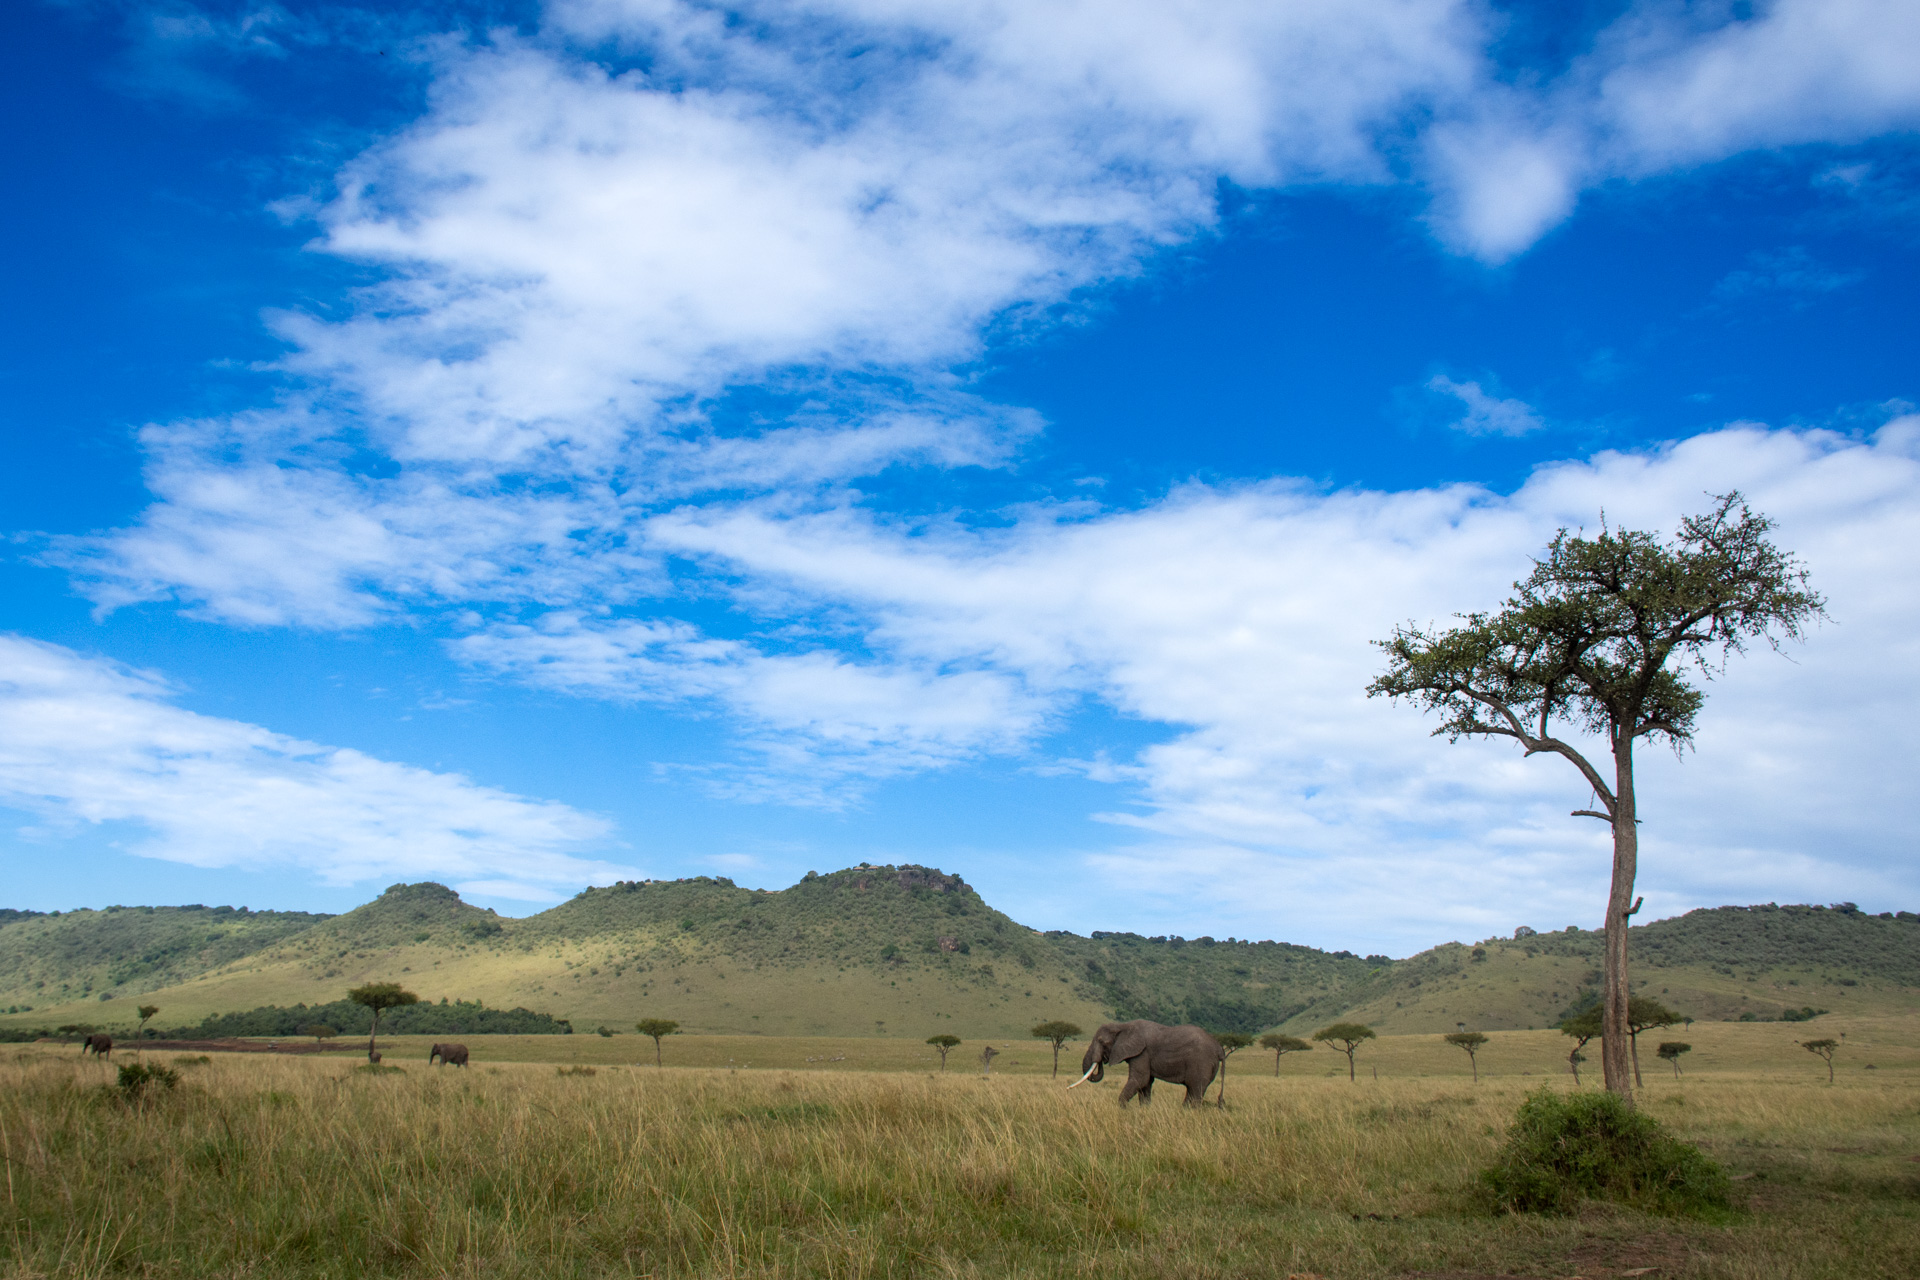 Elephant and landscape